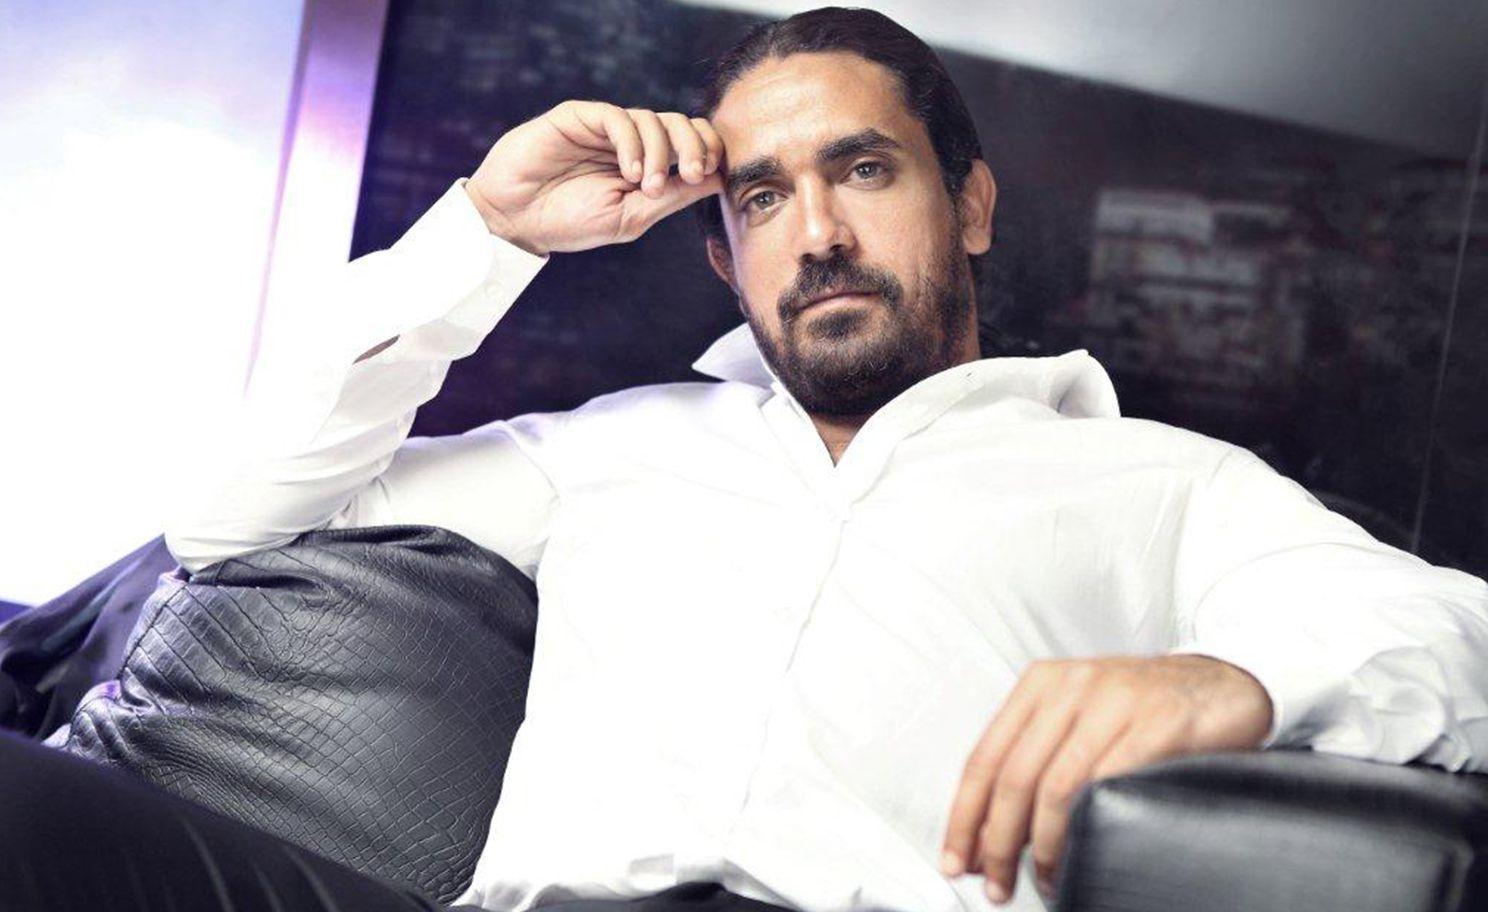 أمير كرارة يبدأ تحضيرات مسلسله الجديد باشا مصر لرمضان 2018